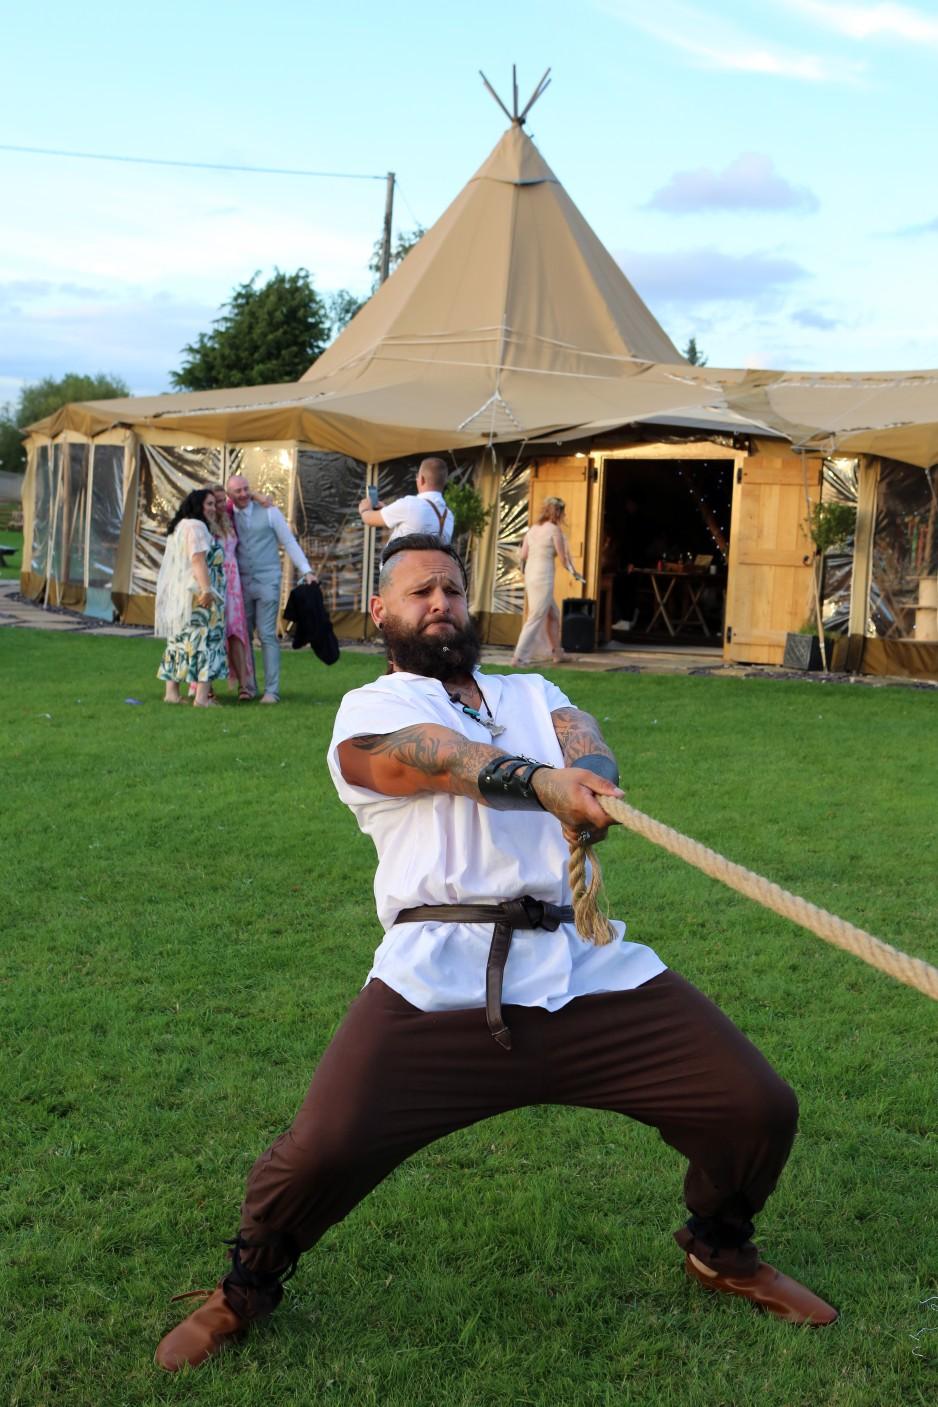 viking festival wedding - fun wedding ideas - wedding tug of war